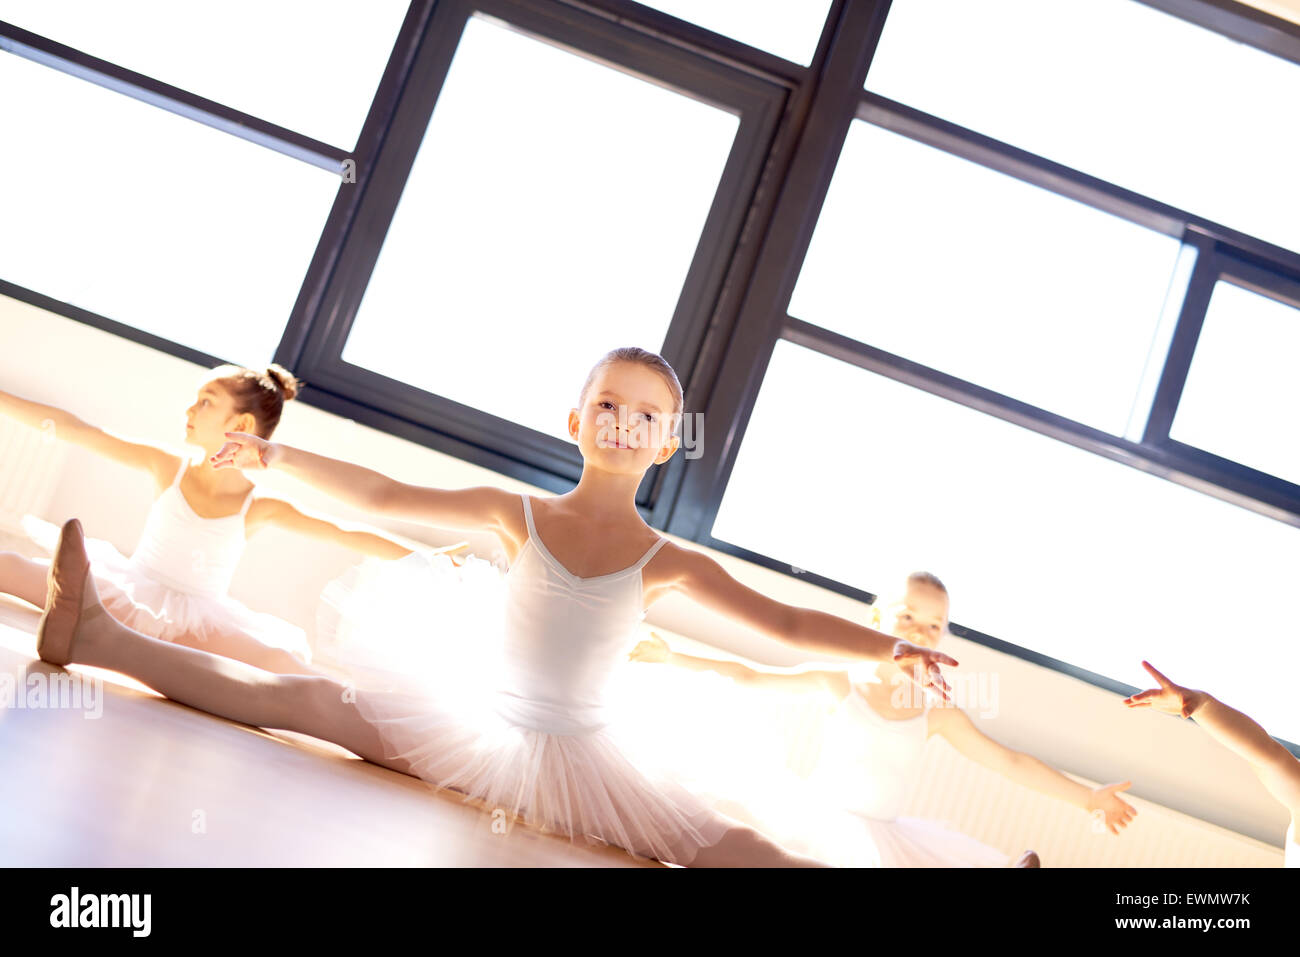 Hübsche kleine Ballerina in Ballett Klasse sitzen auf dem Holzboden in einem hellen, sonnendurchfluteten Dance Stockbild